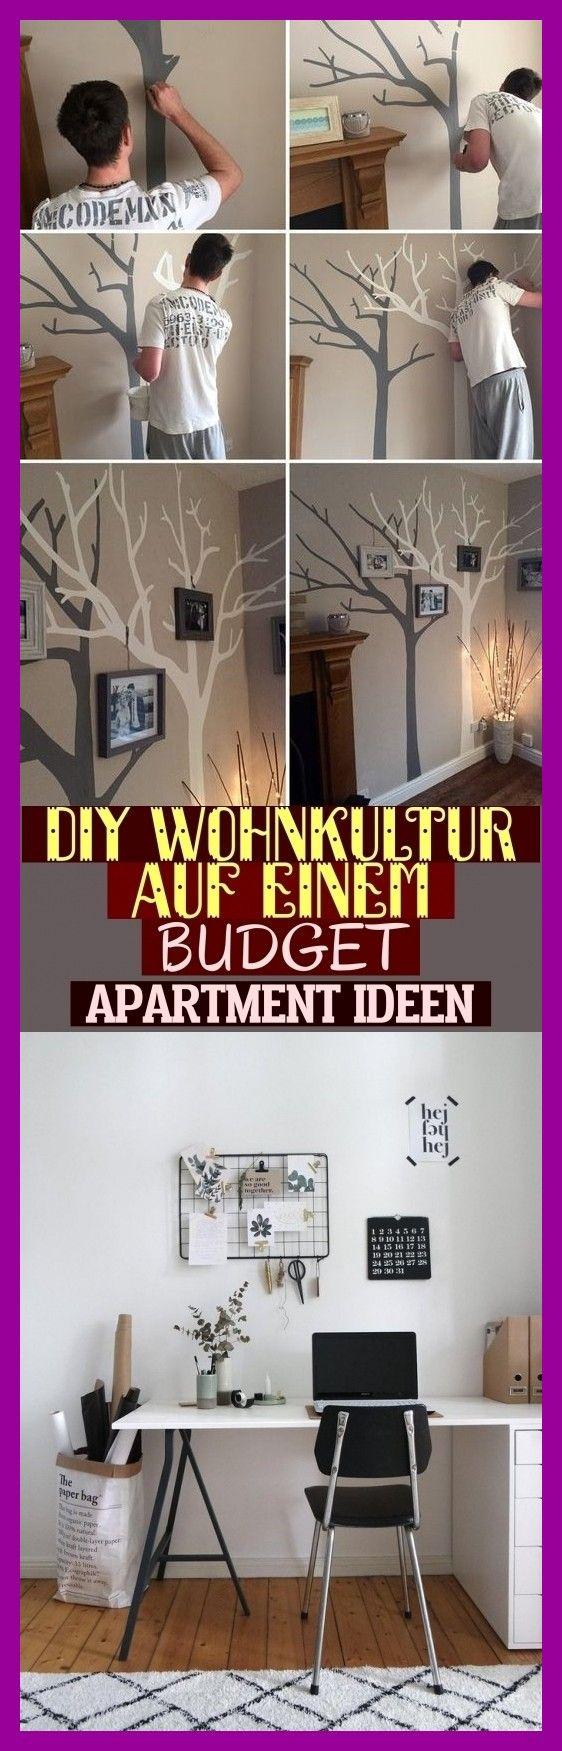 Diy Wohnkultur Auf Einem Budget Apartment Ideen - diy ...